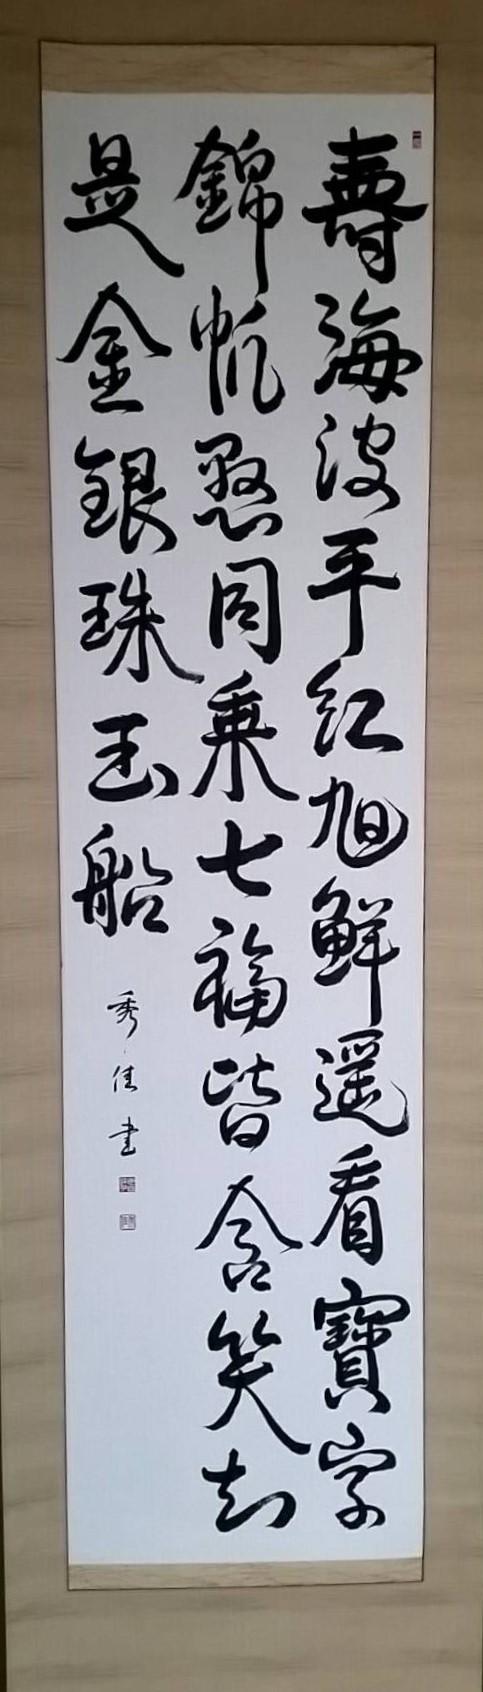 川合 秀佳ー漢詩